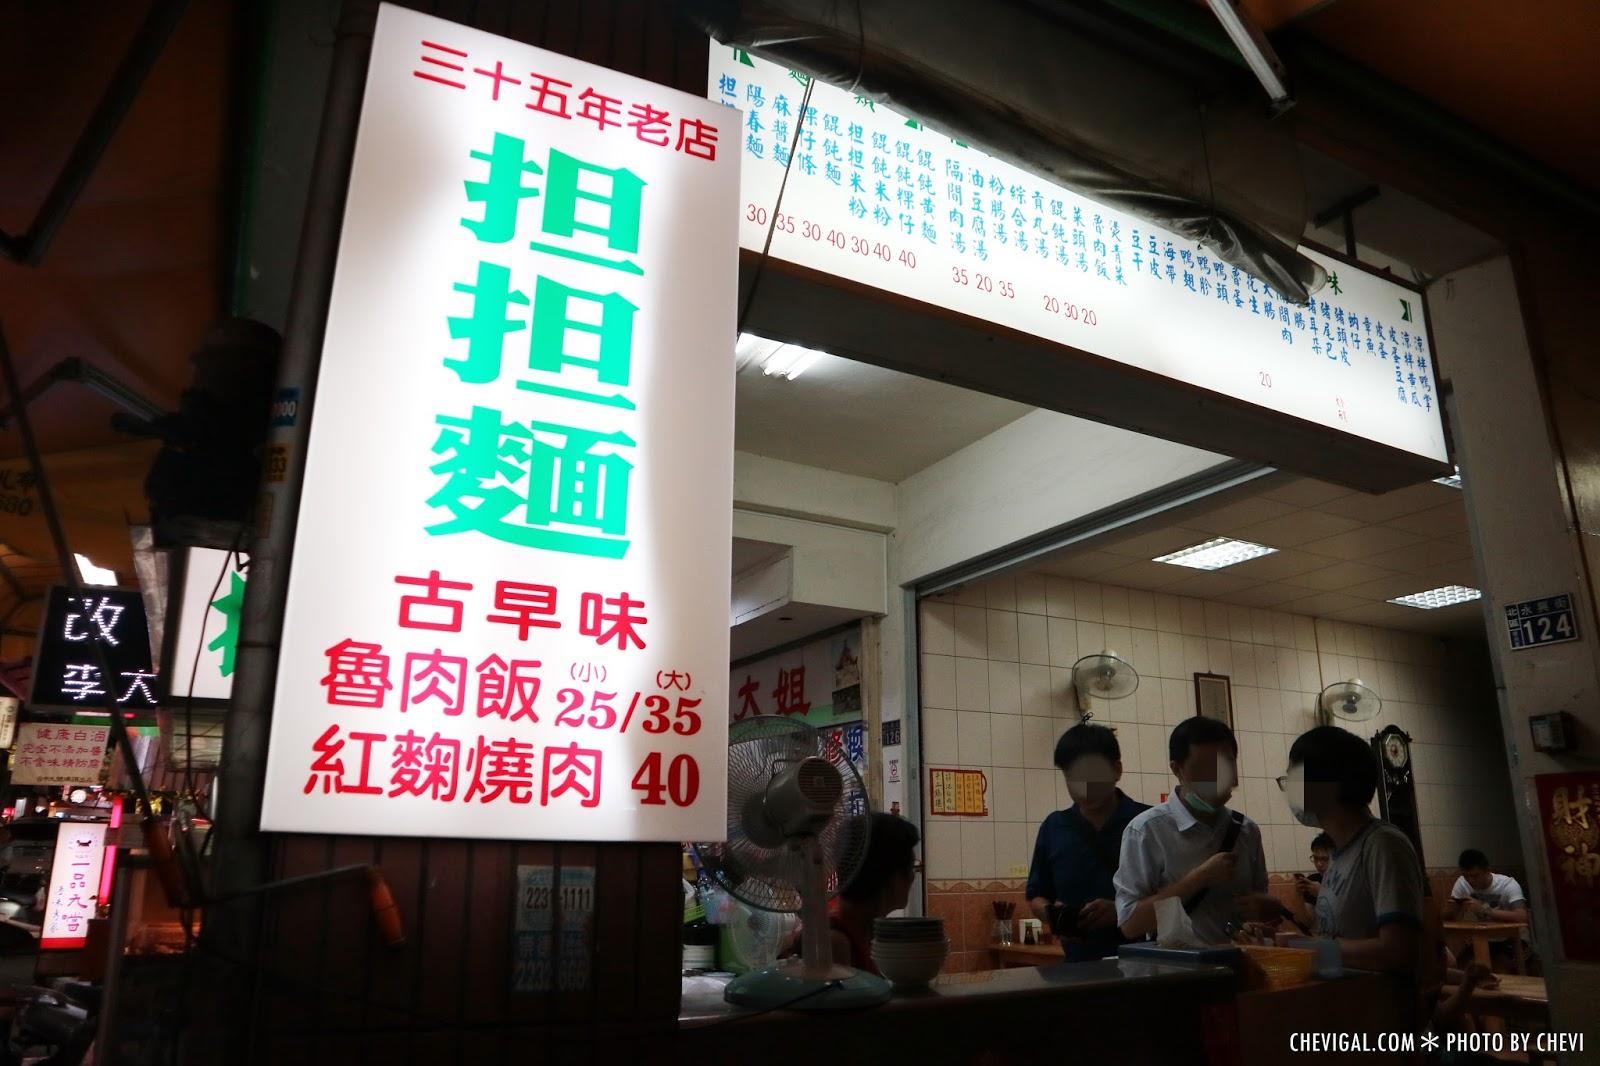 IMG 0621 - 台中北區│詹記擔擔麵。永興街飄香三十五年老麵店。平價的古早好味道